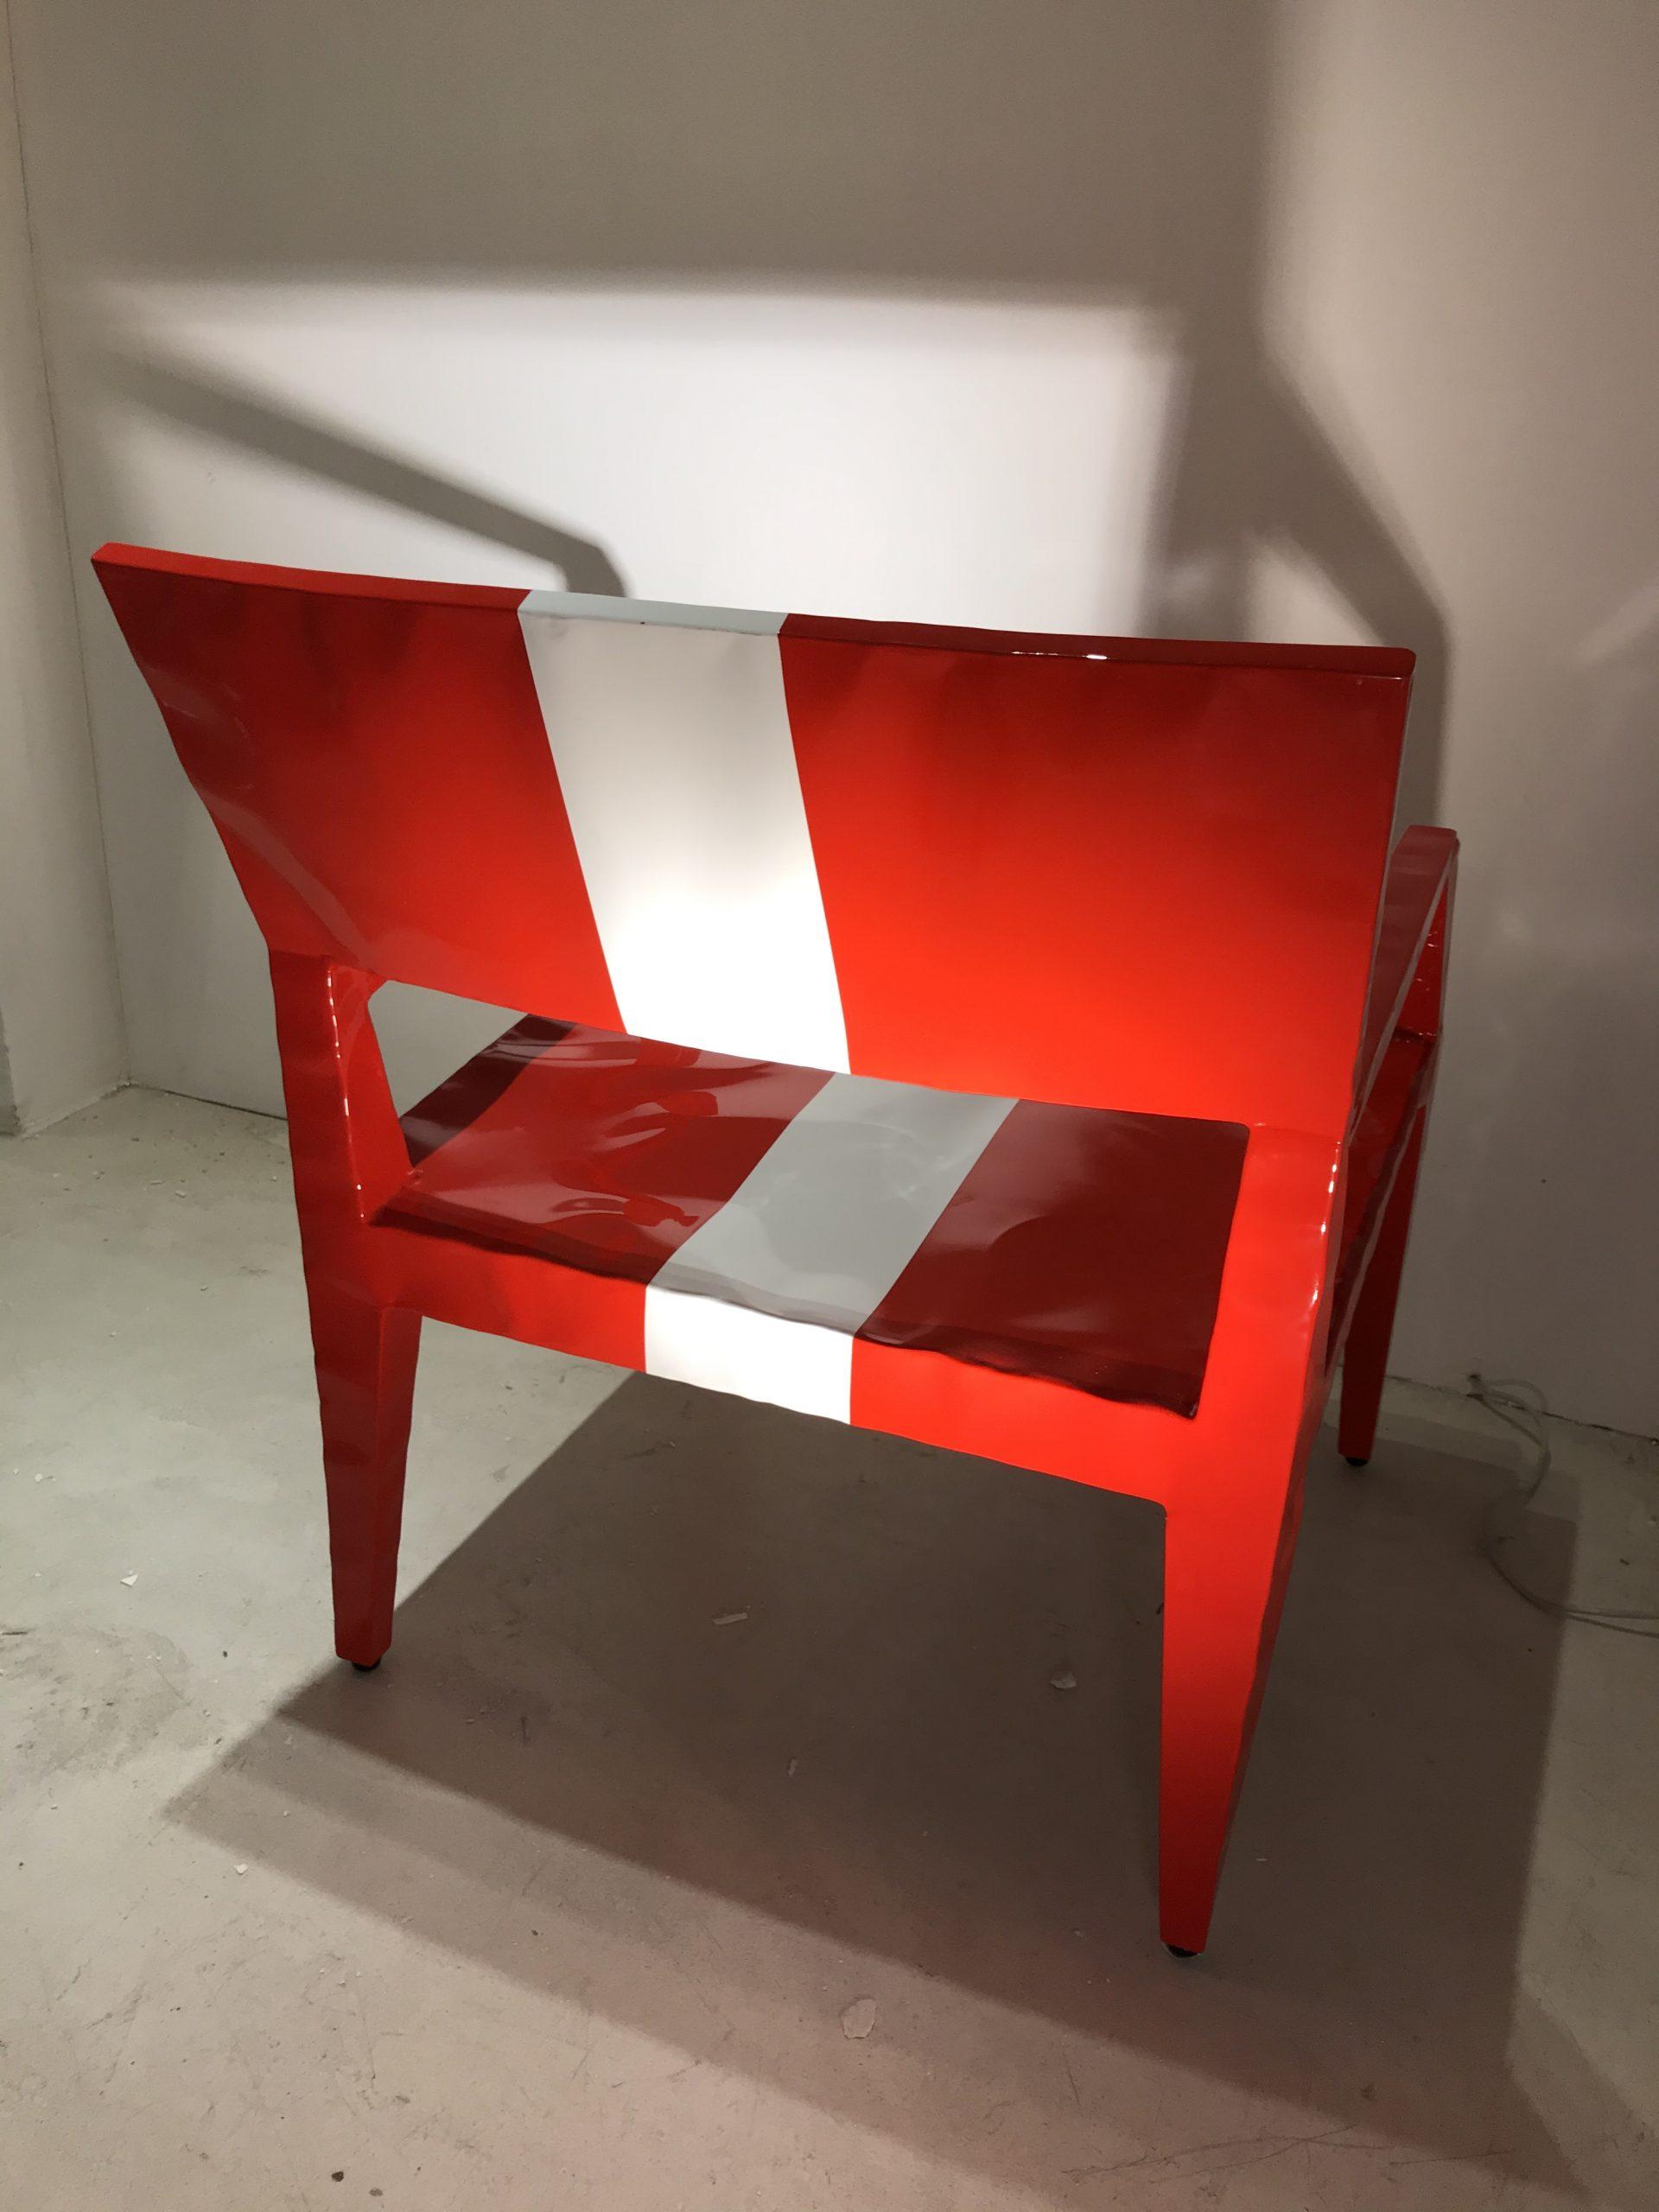 Sedia Mr. BUGATTI design Cappellini original Made in Italy